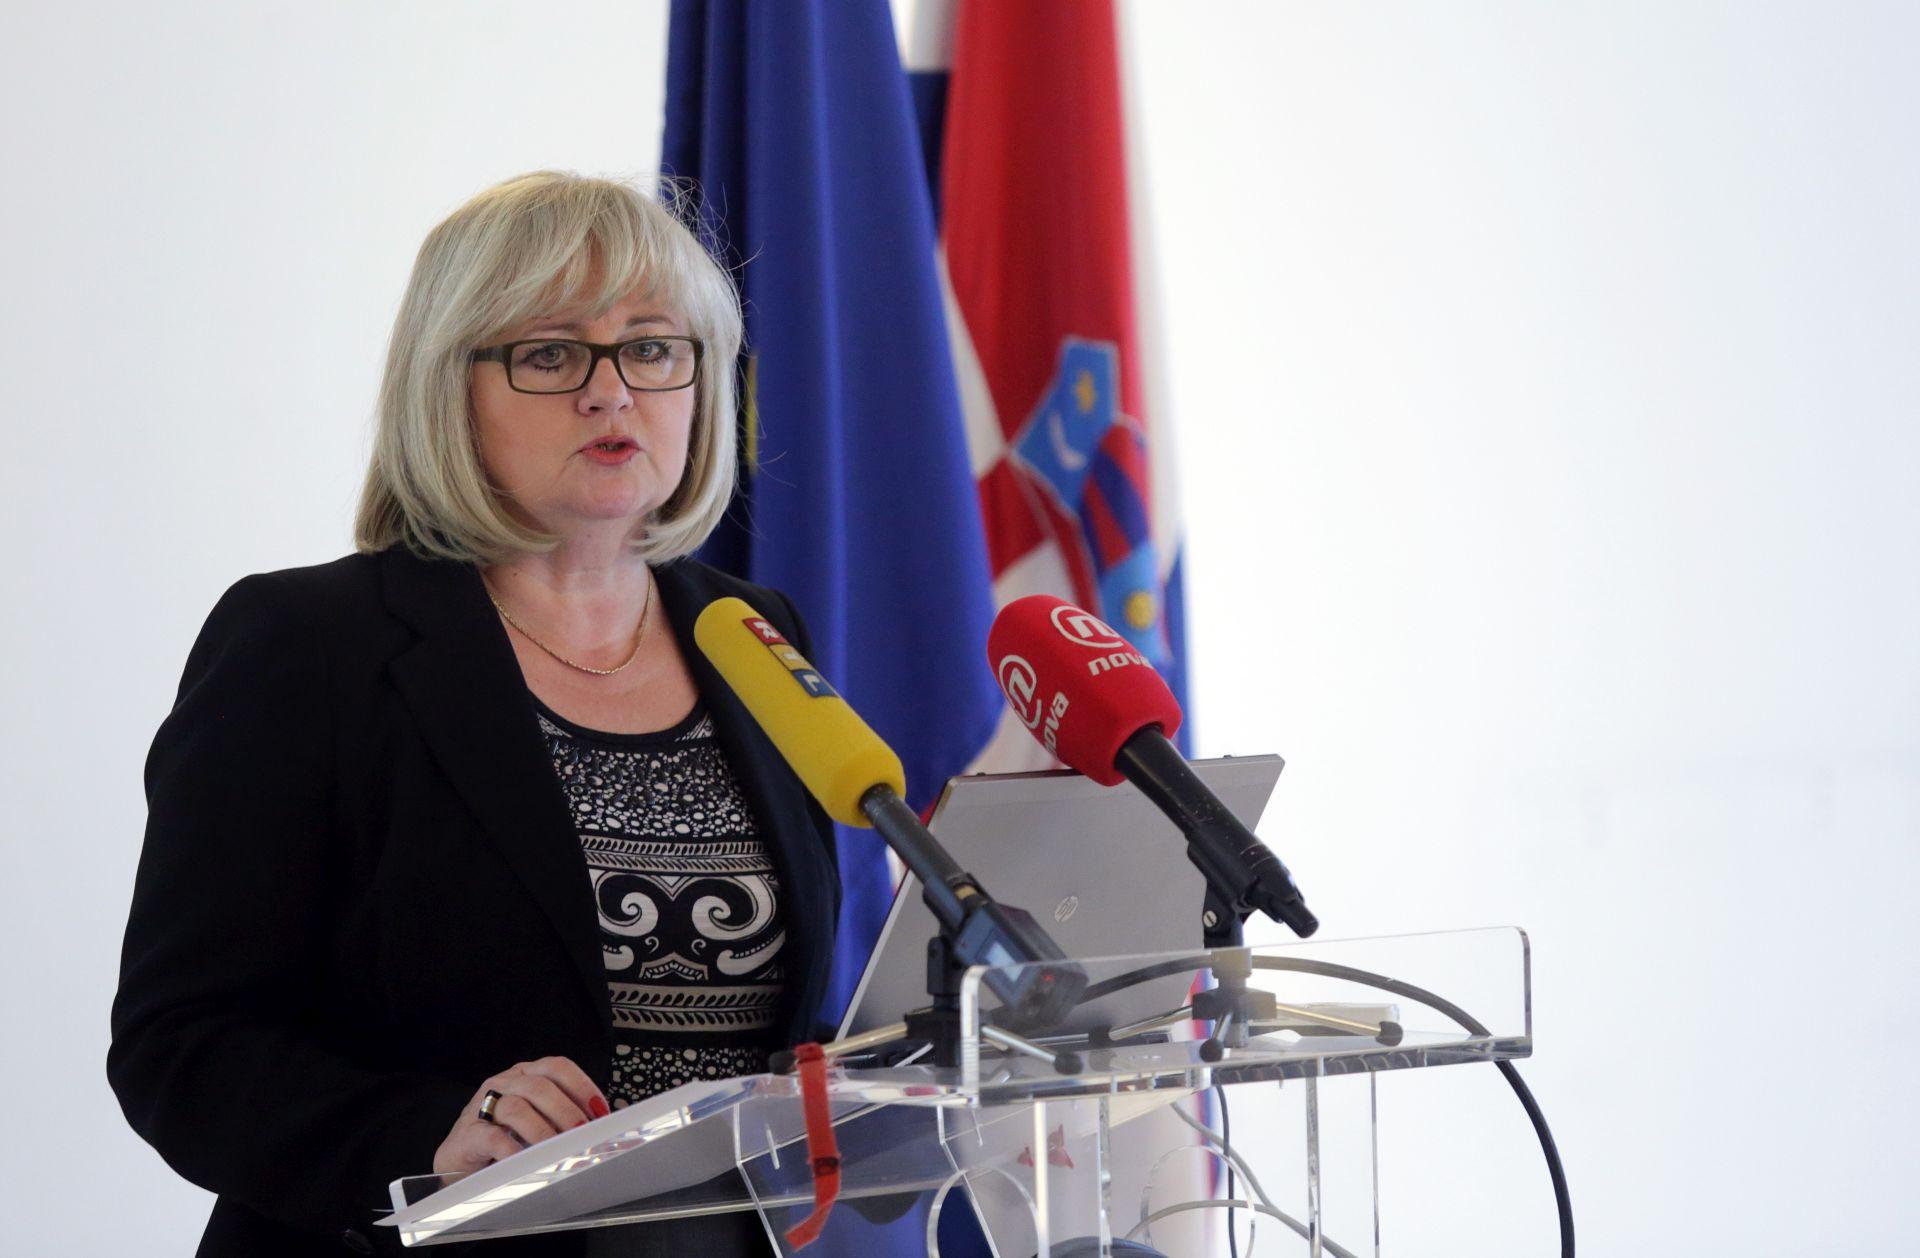 PISA 2015.: Hrvatski učenici i dalje znatno ispod prosjeka OECD-a